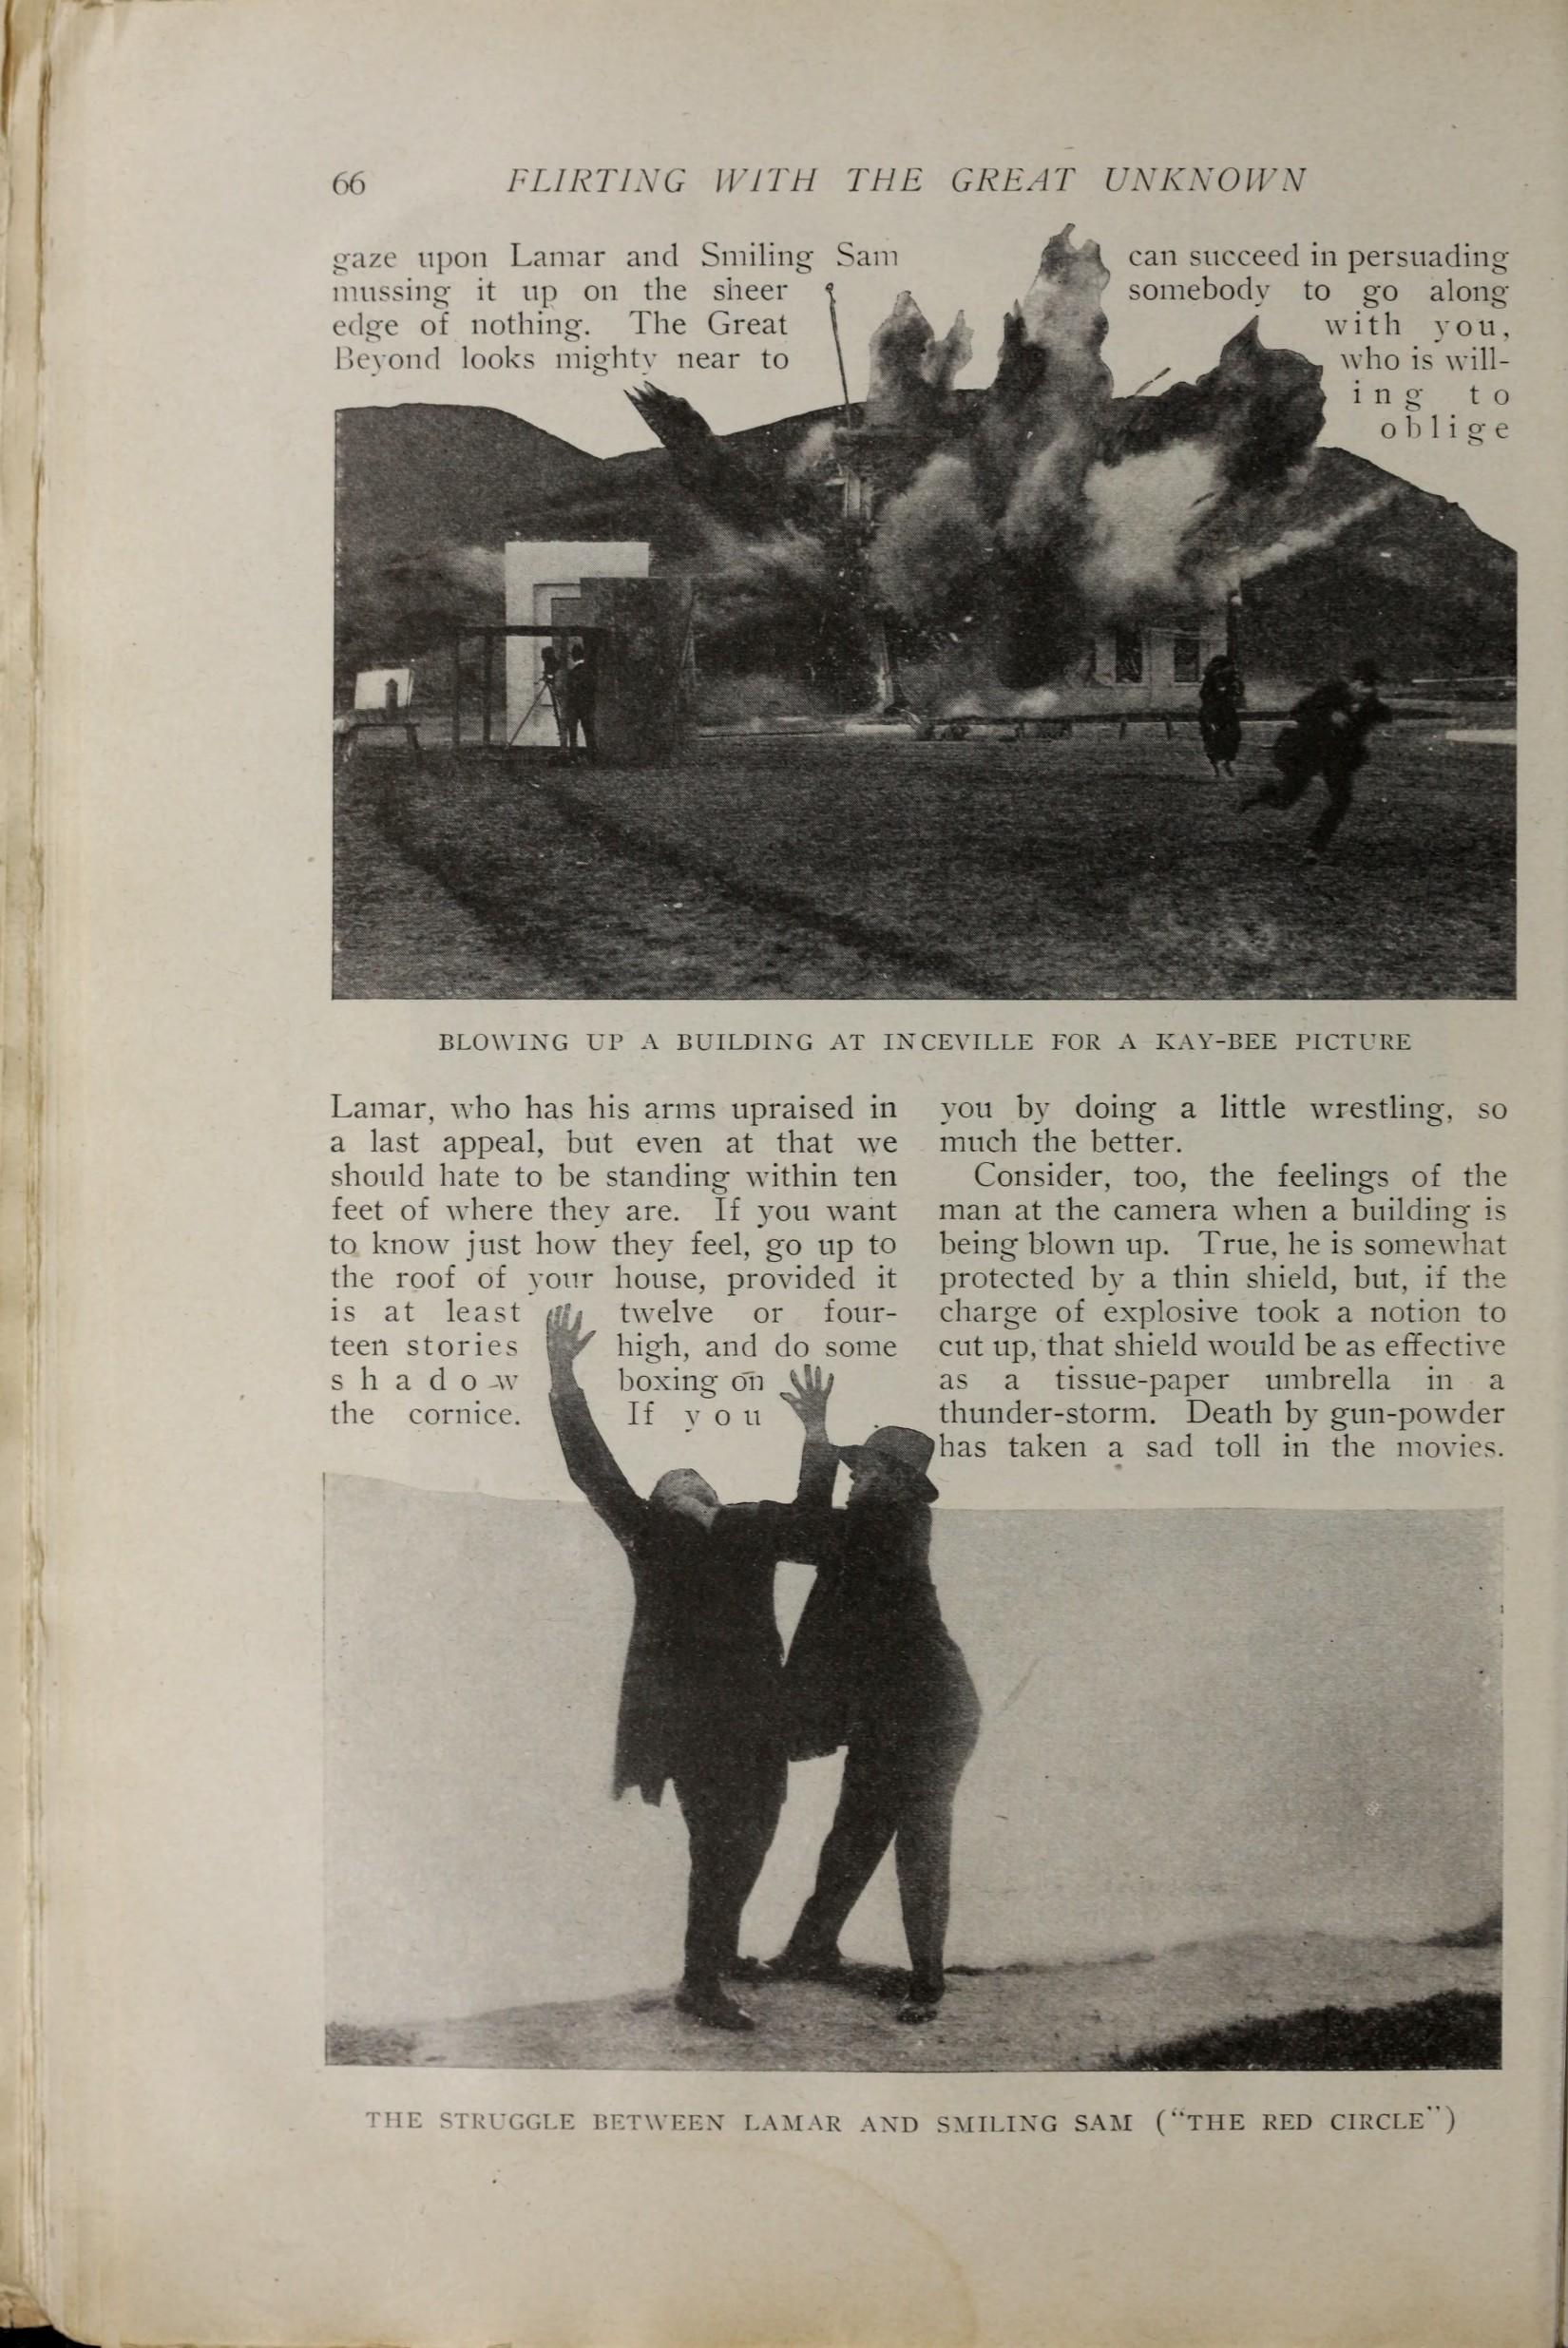 Motionpicture191712chic_jp2.zip&file=motionpicture191712chic_jp2%2fmotionpicture191712chic_0628